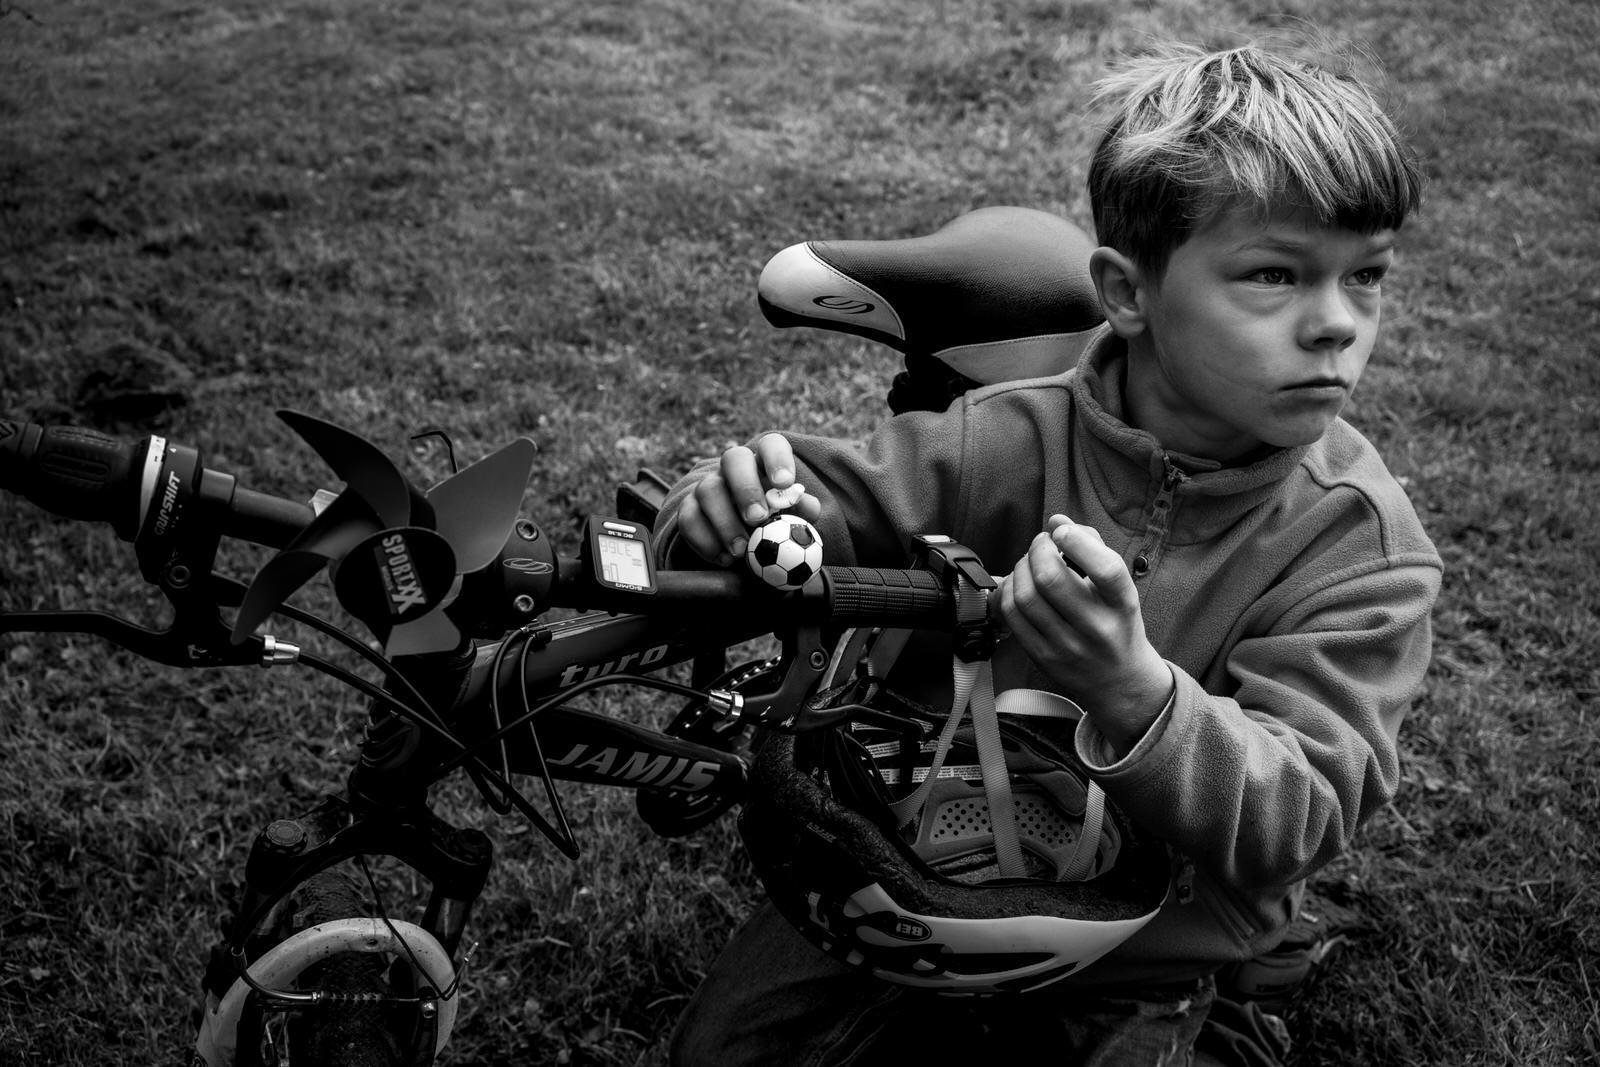 Junge mit Fahrrad | Familienfotografin unterwegs - Familienfotos drinnen und draussen